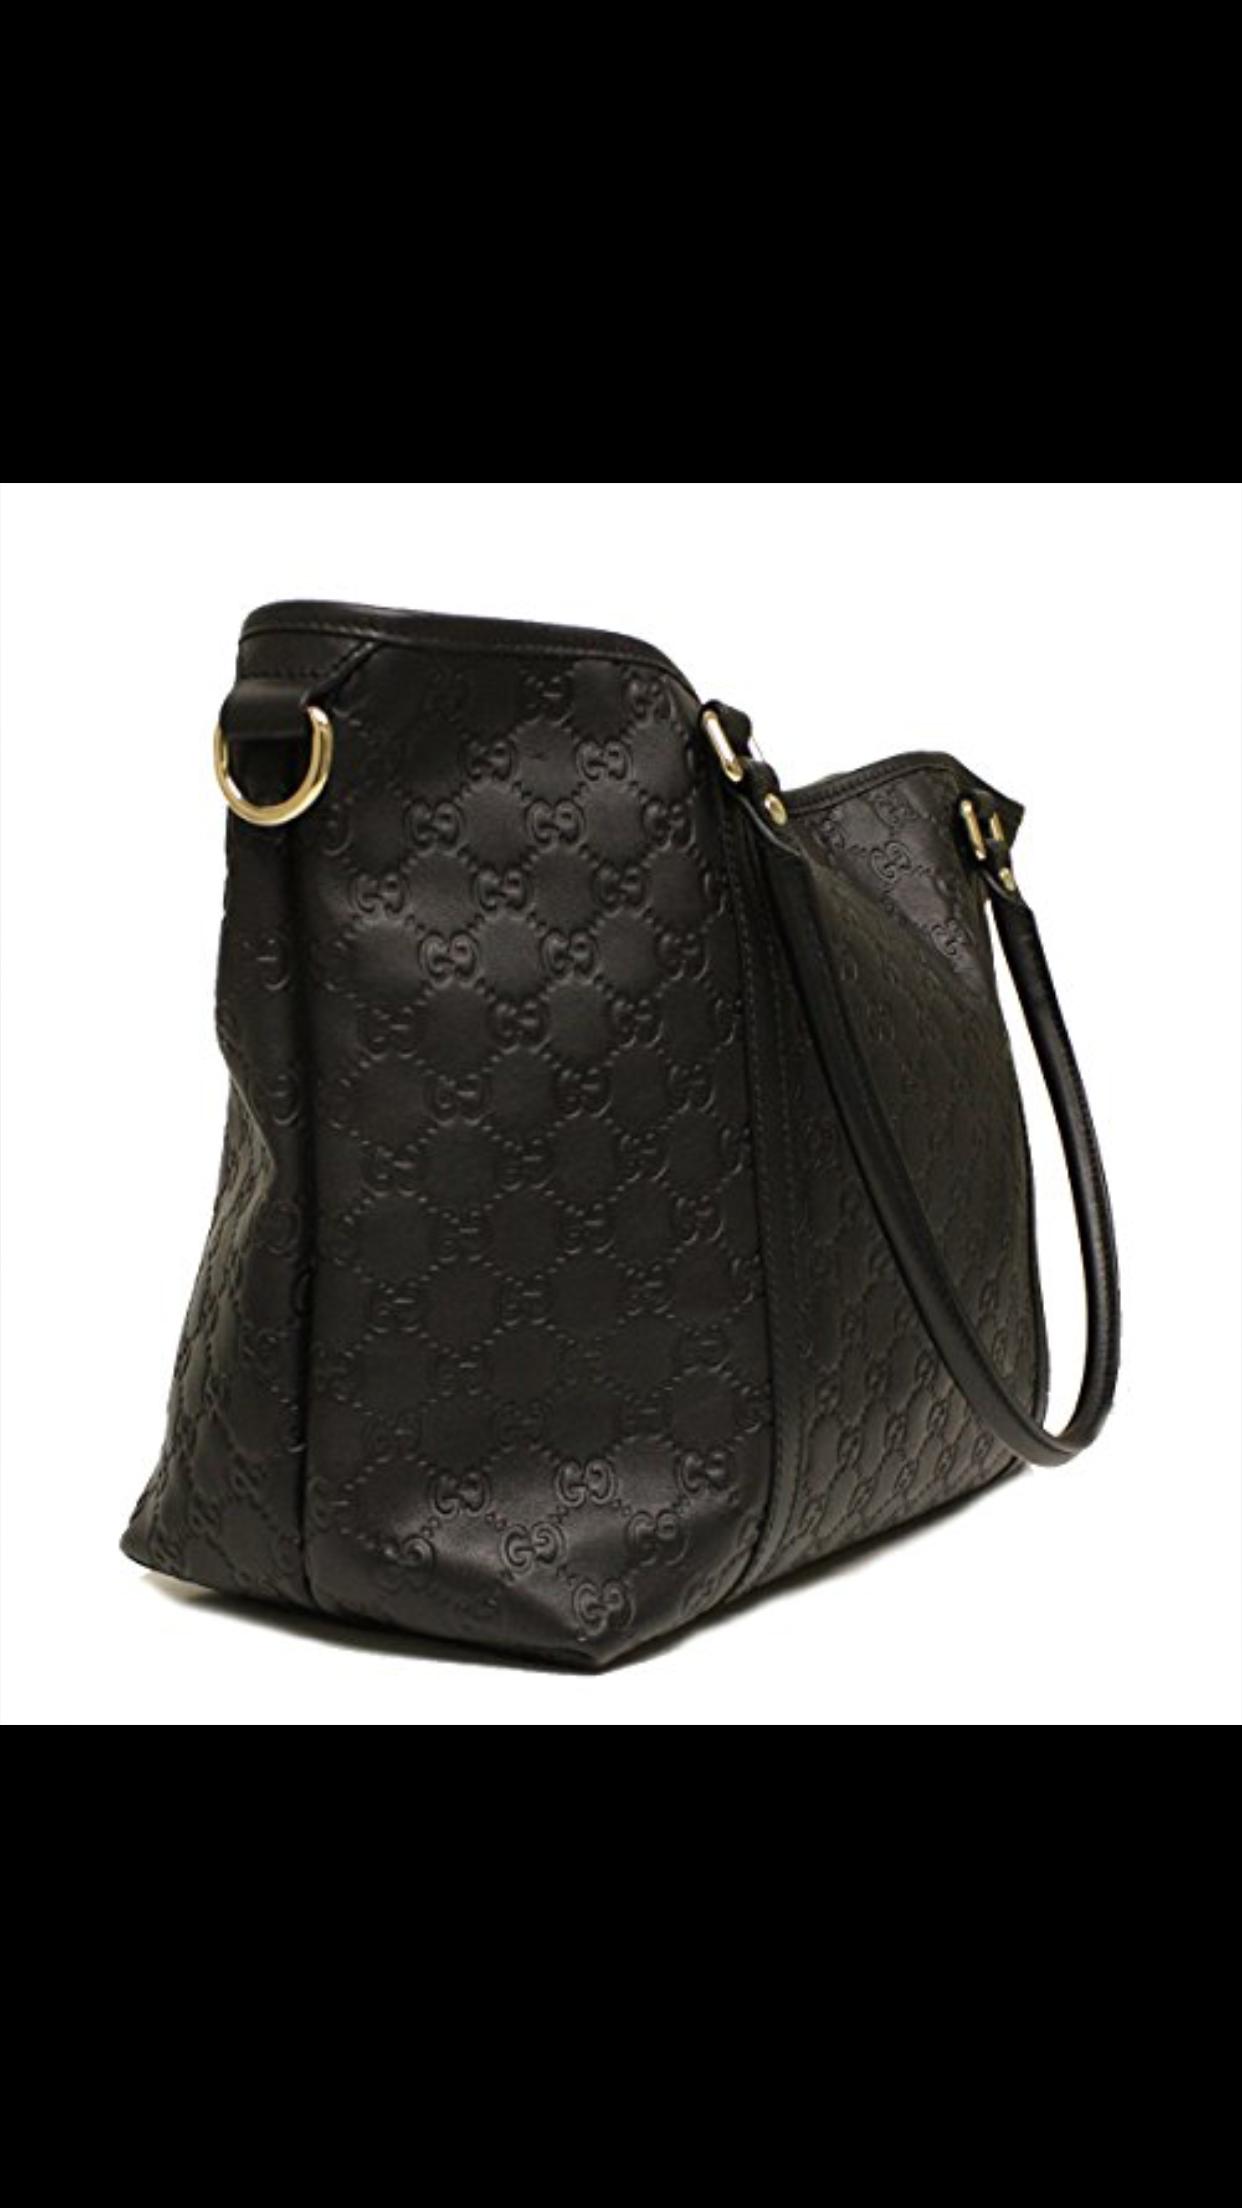 7de209f474ab Gucci Black Guccissima Leather GG LogoTote Bag   1